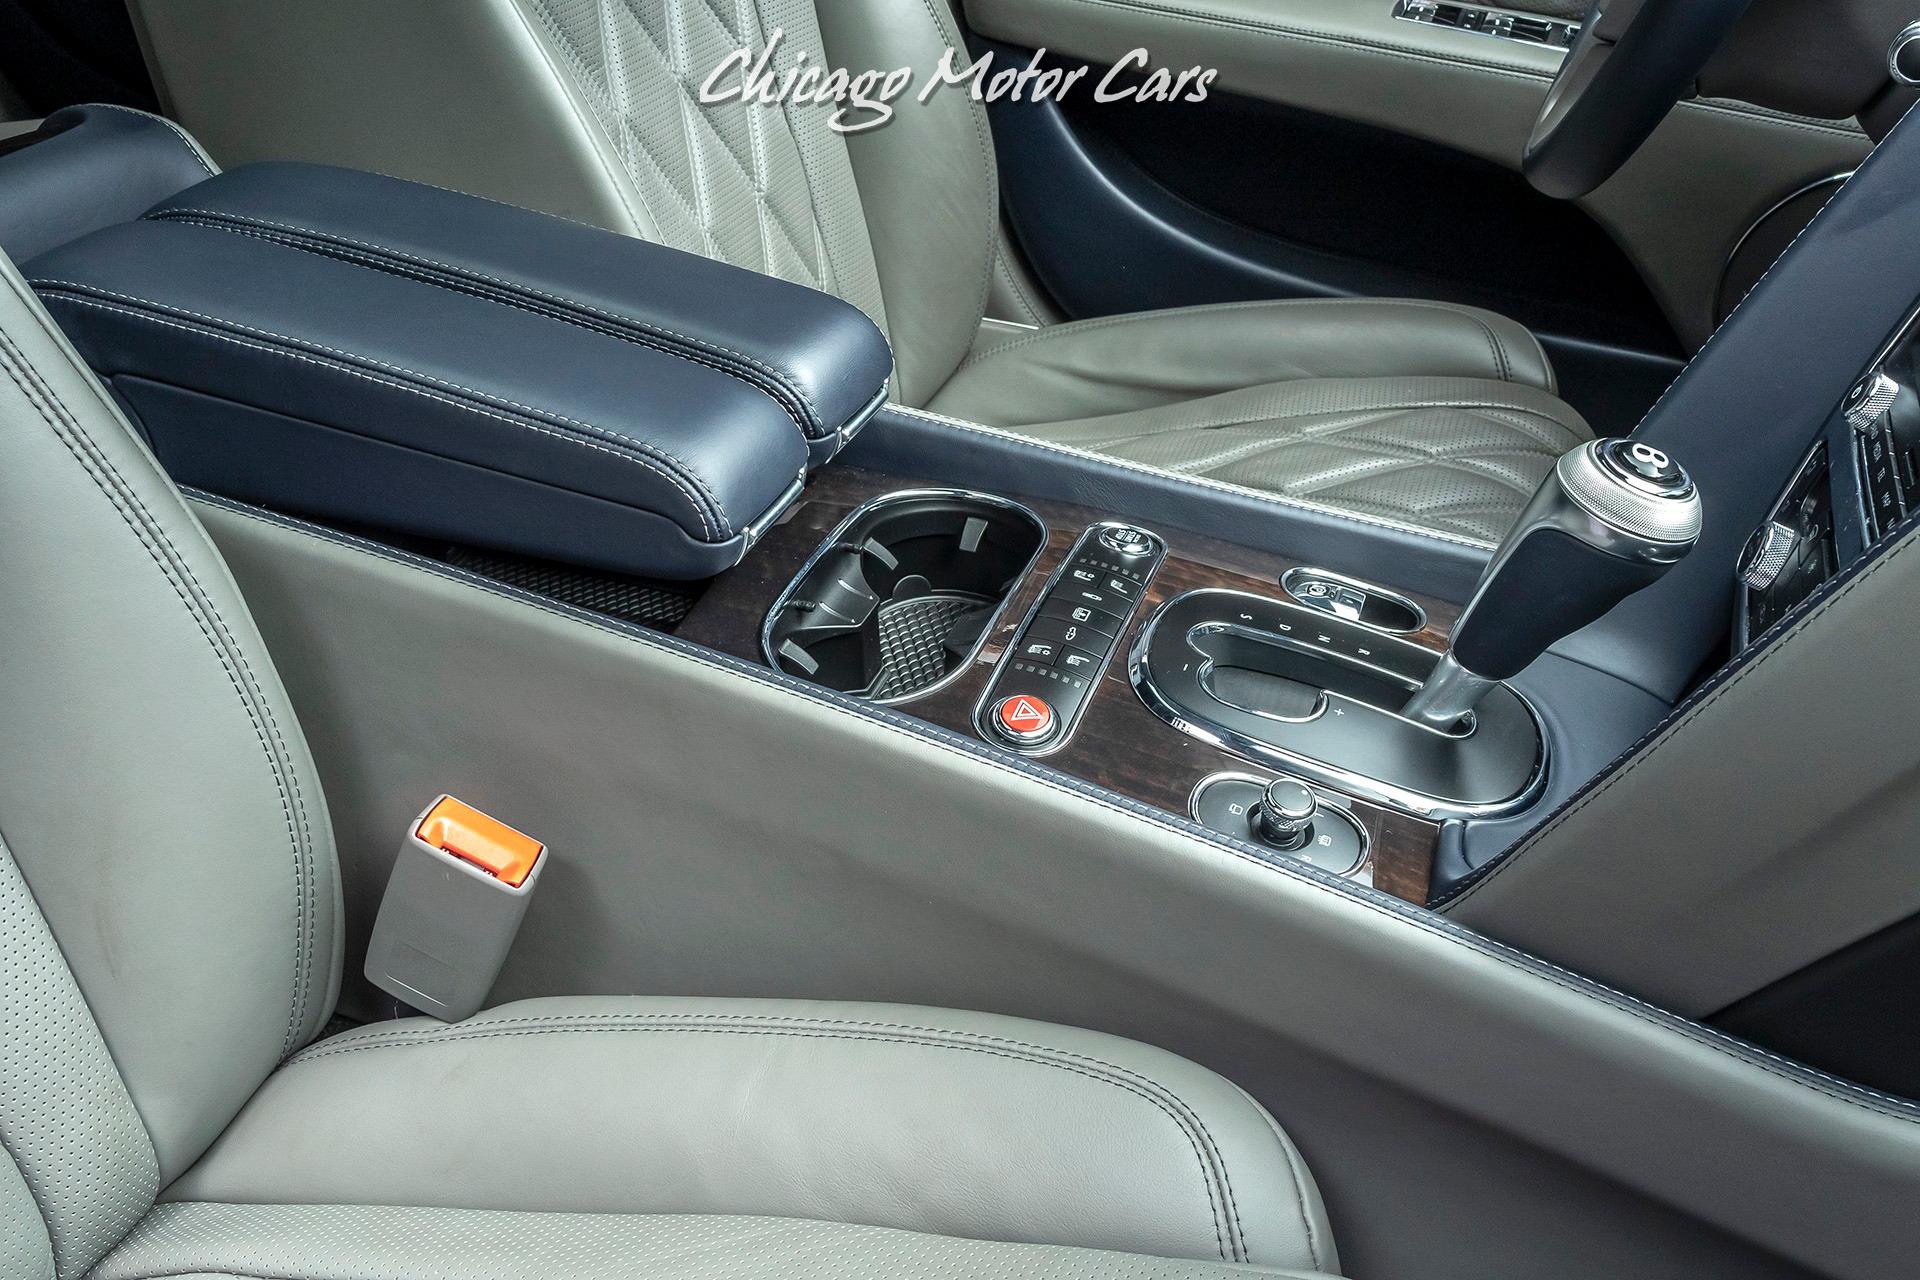 Used-2016-Bentley-Flying-Spur-Sedan-Mulliner-Package-NAIM-PREMIUM-AUDIO